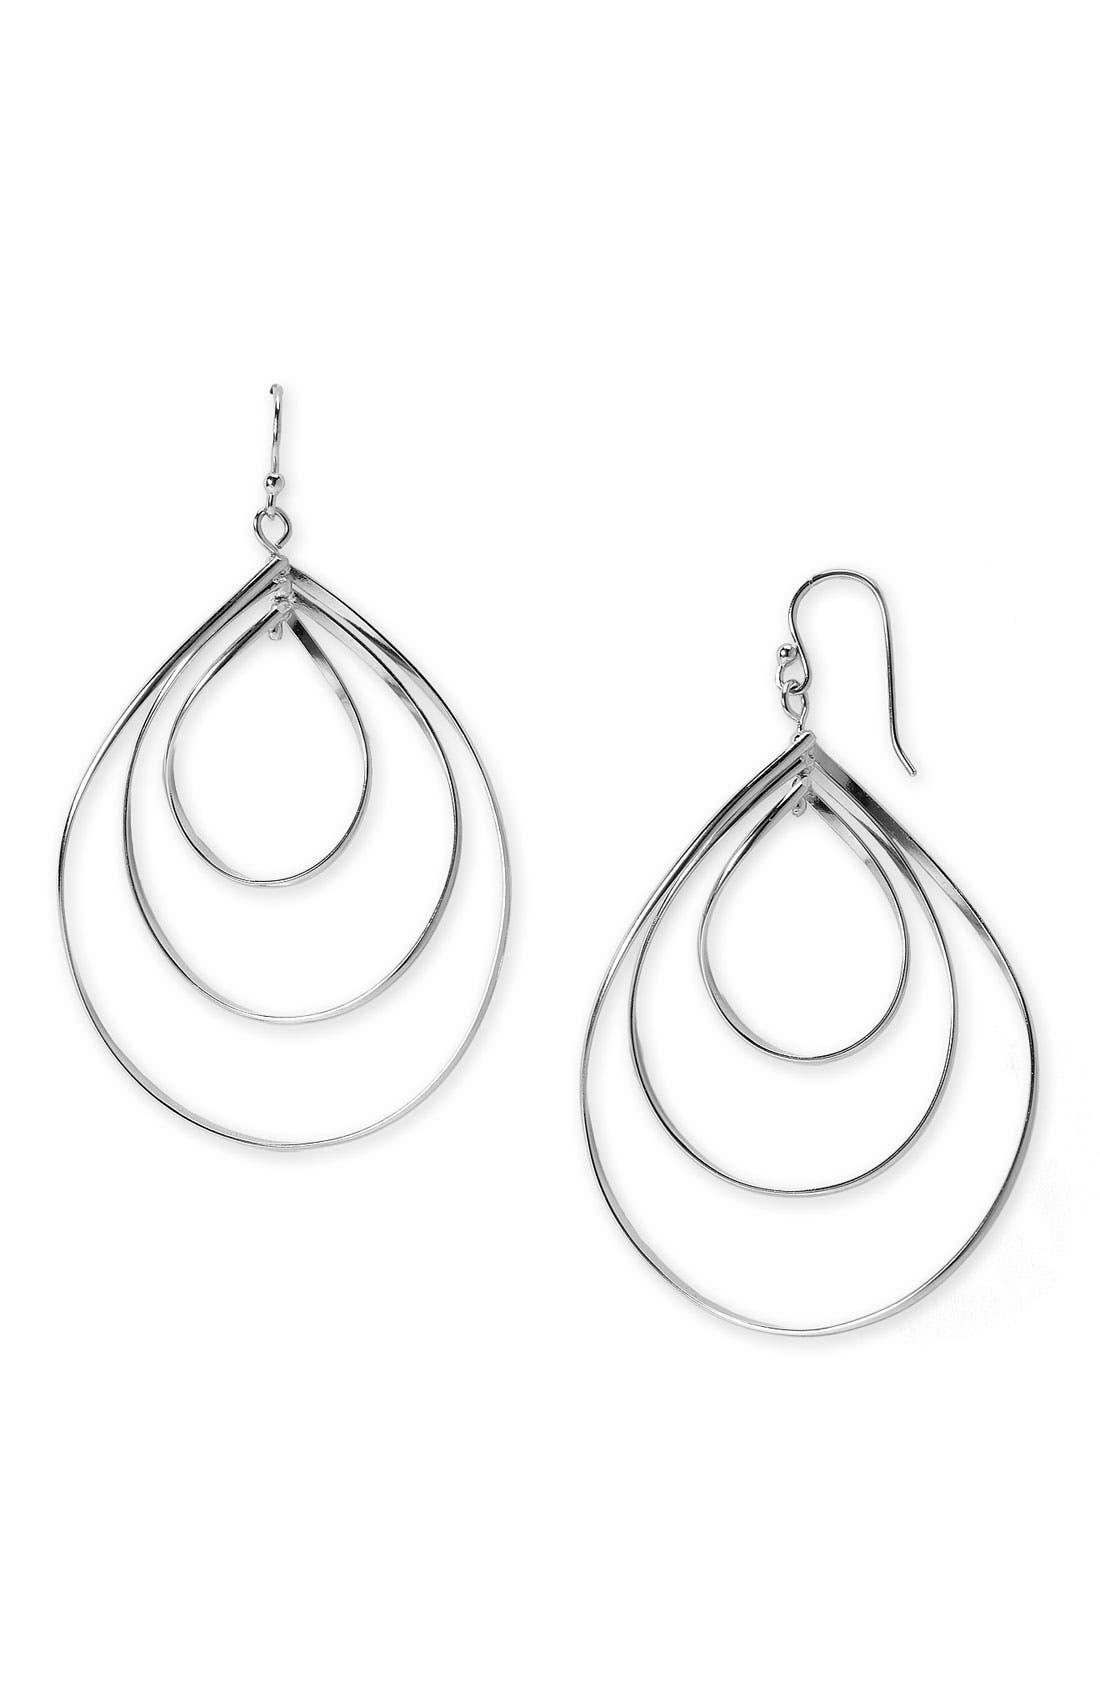 Main Image - Argento Vivo Triple Teardrop Earrings